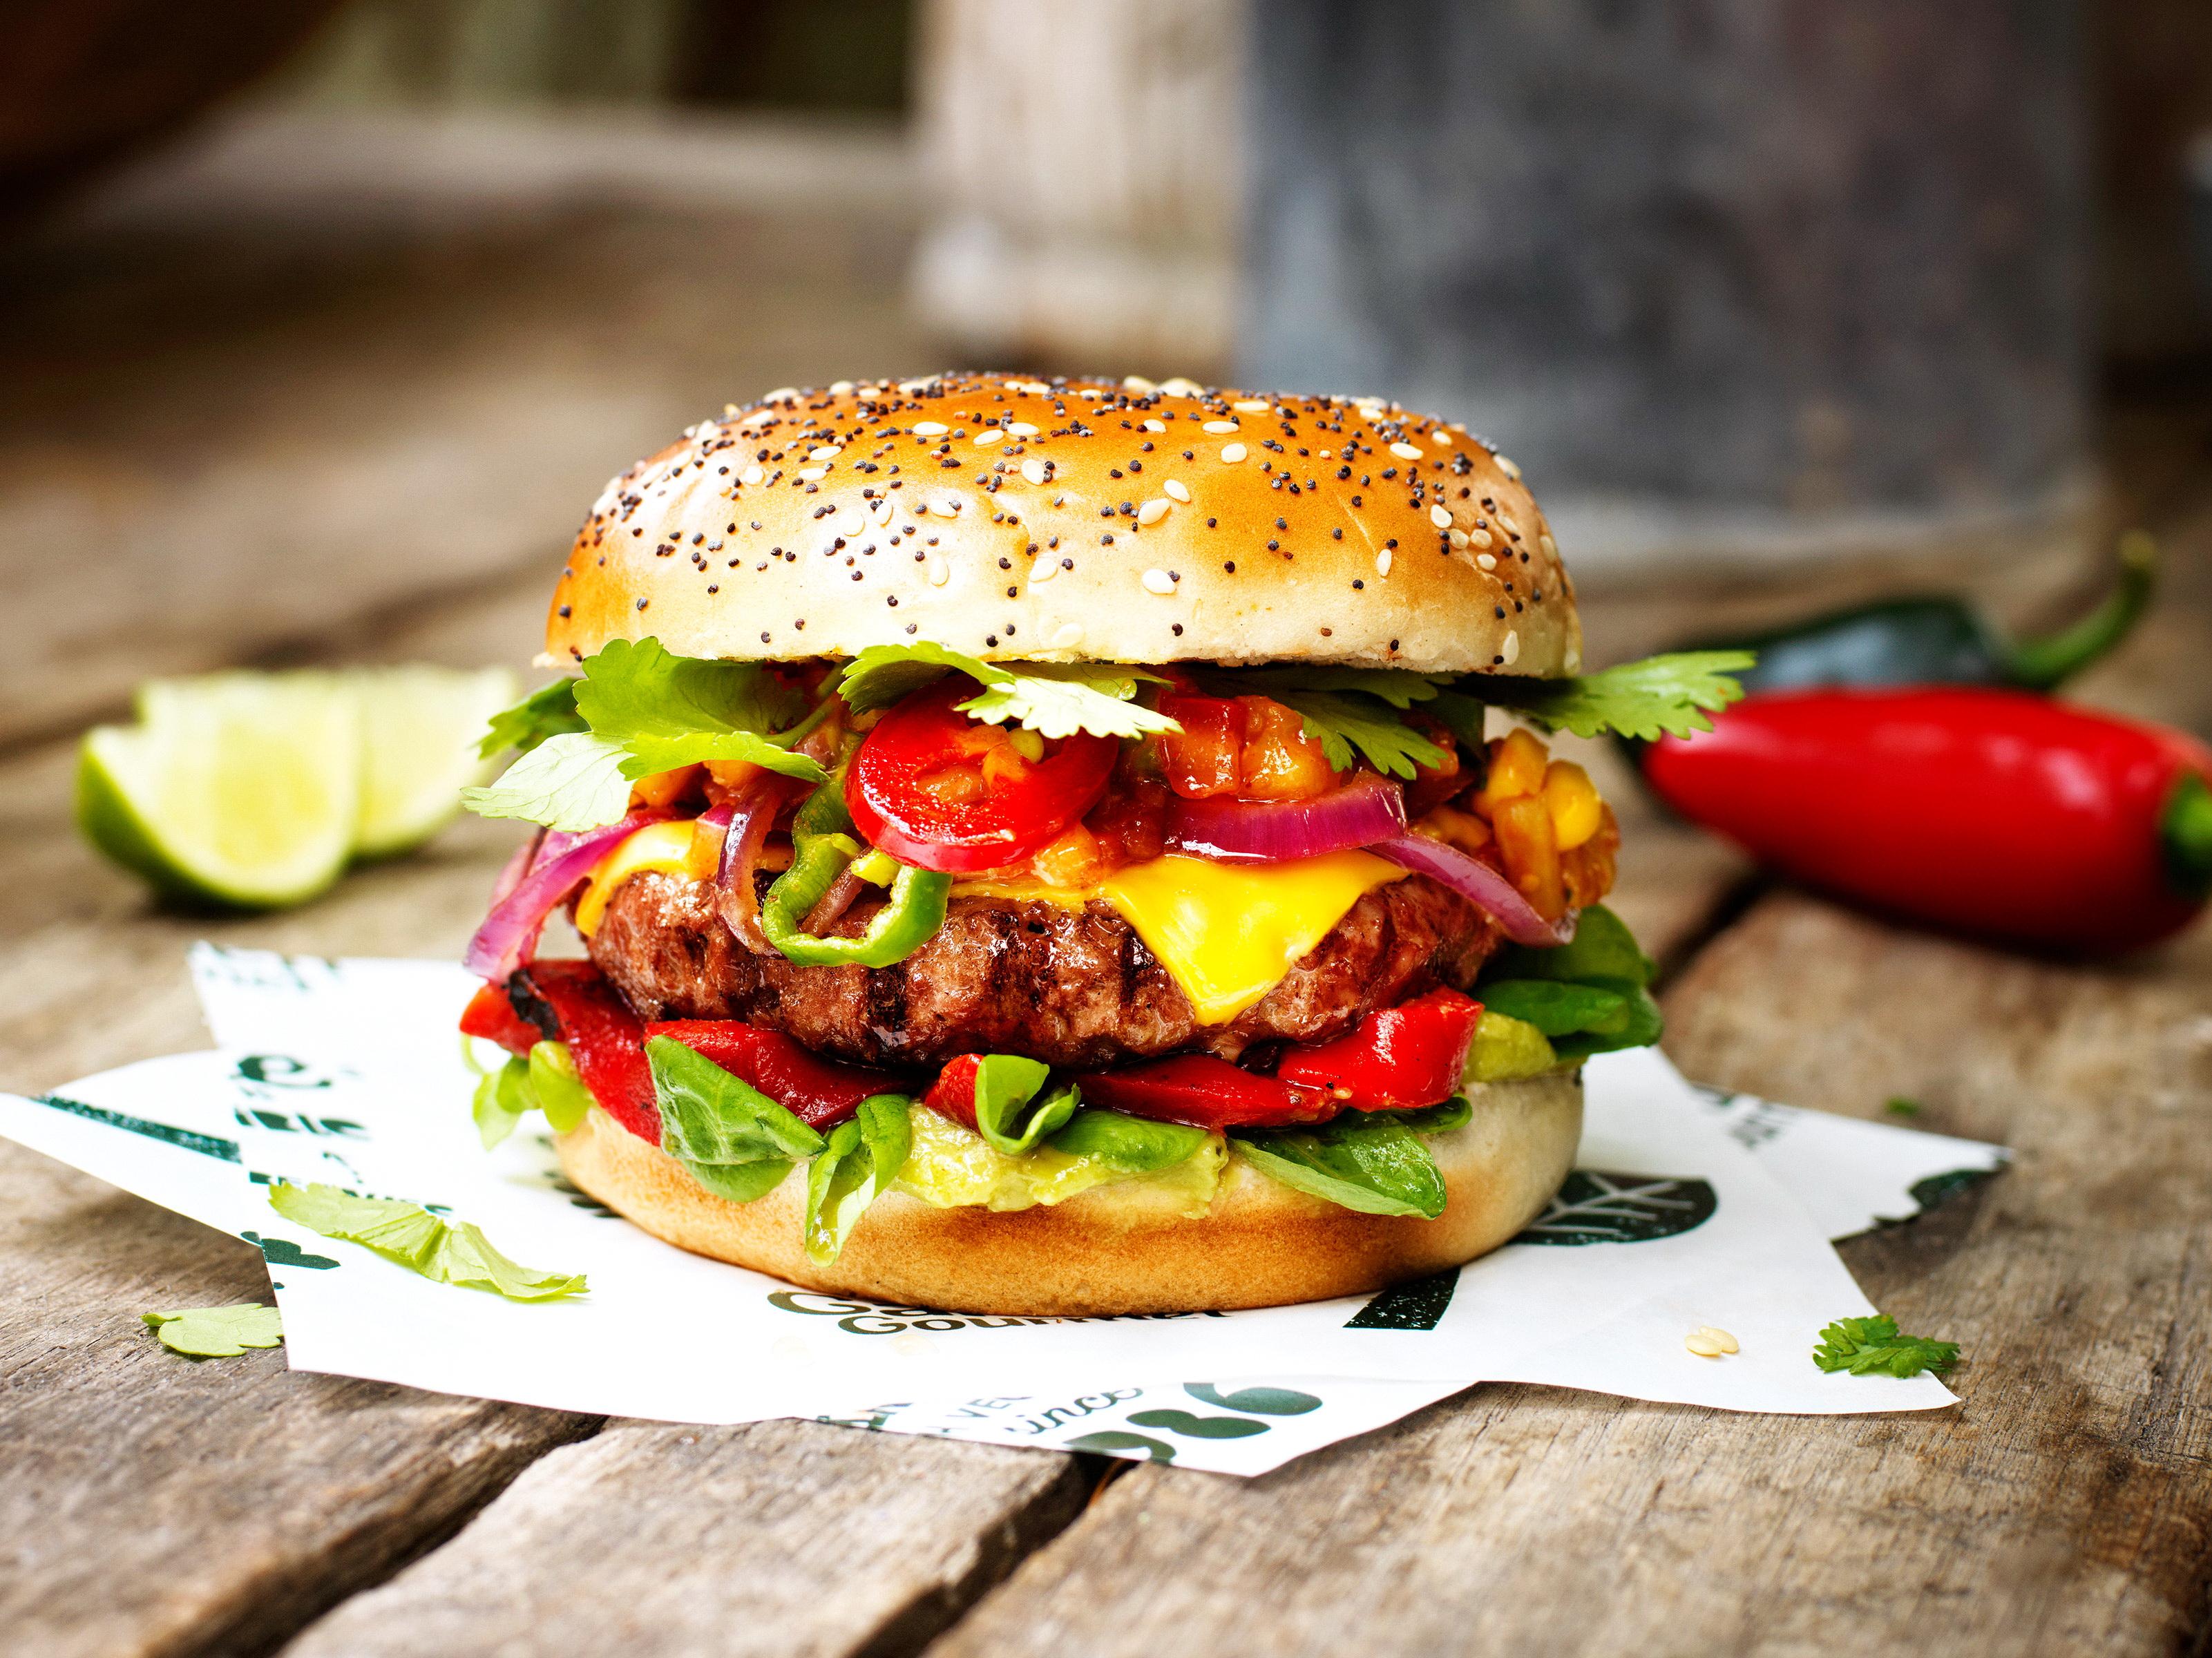 Garden Gourmet Sensational Burger